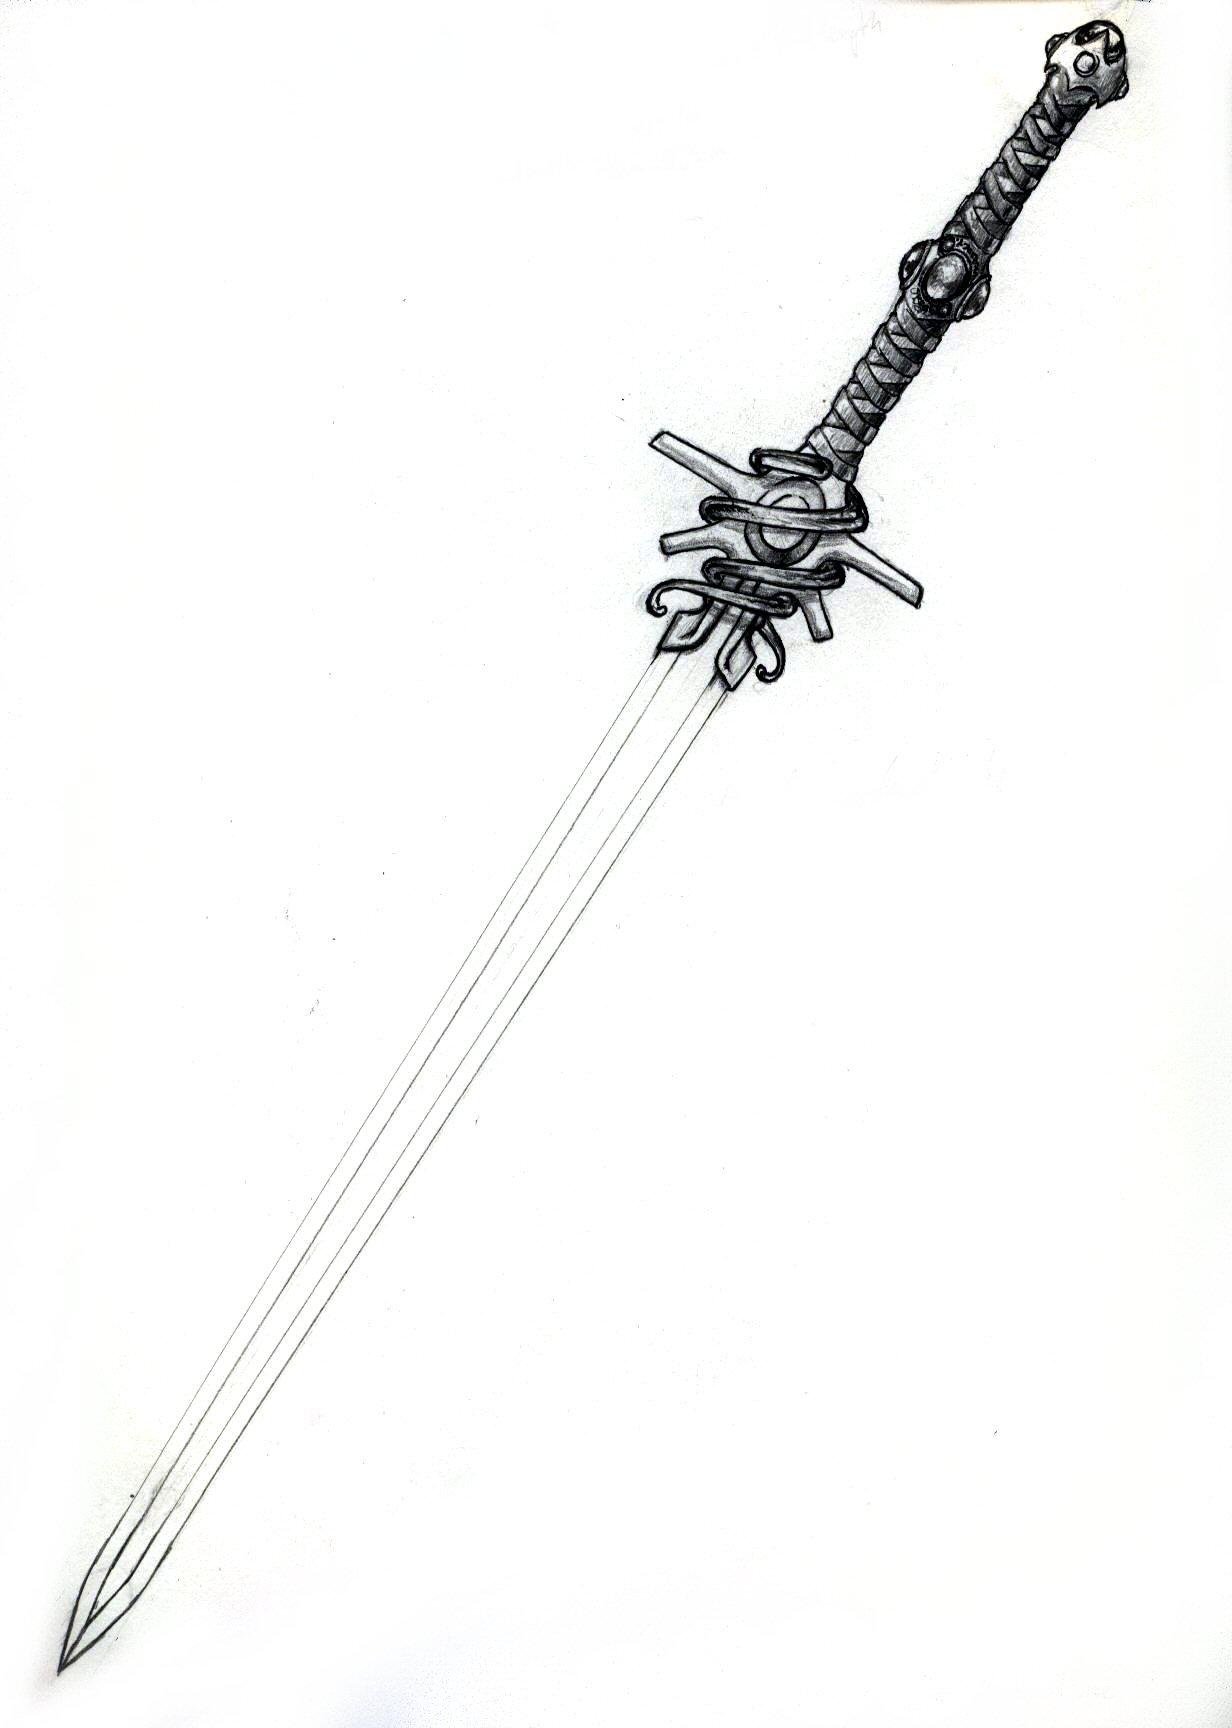 Drawn pen pencil Pencil and Gerak Sword Sword